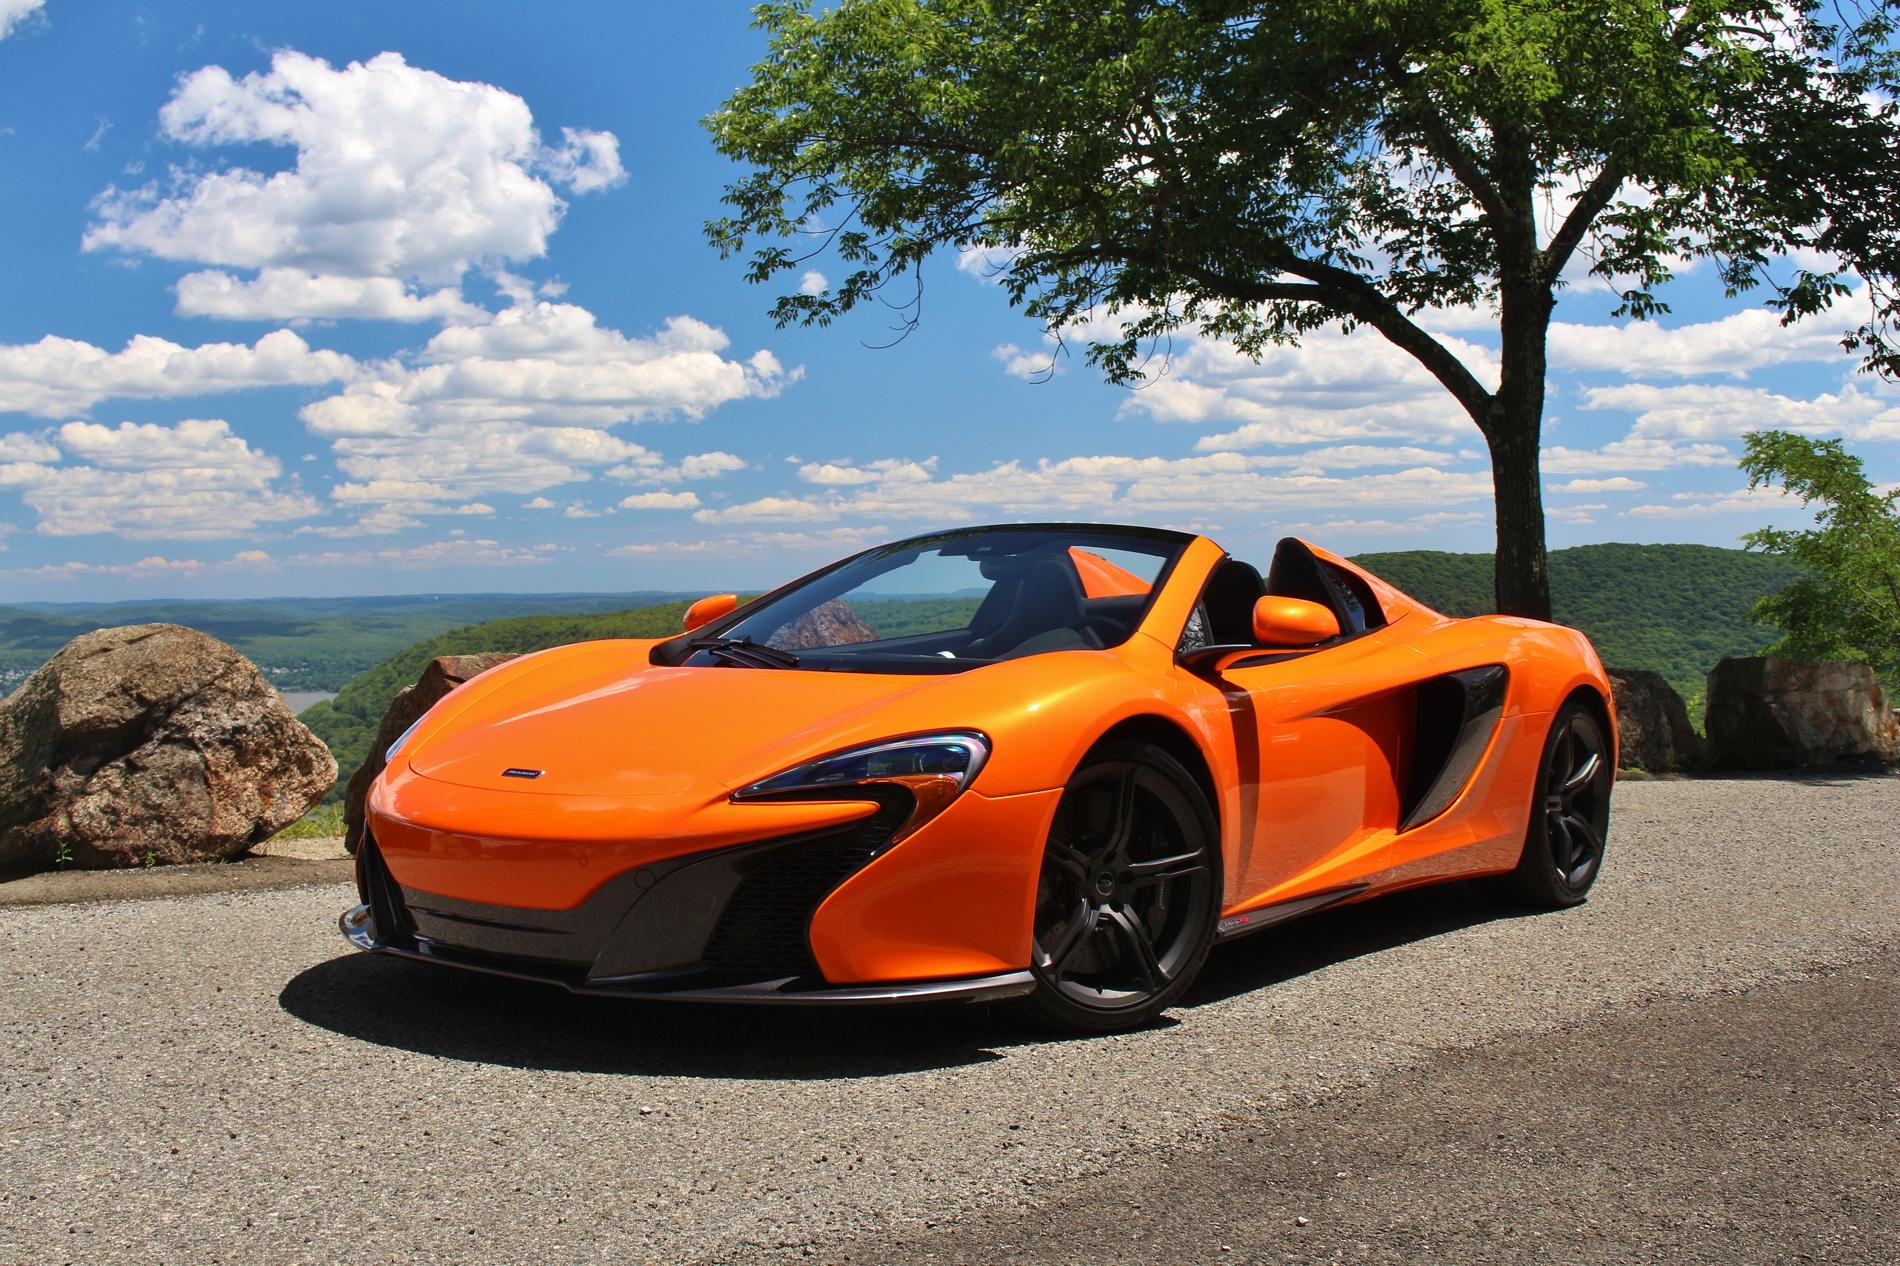 2015 mclaren 650s spider - test drive